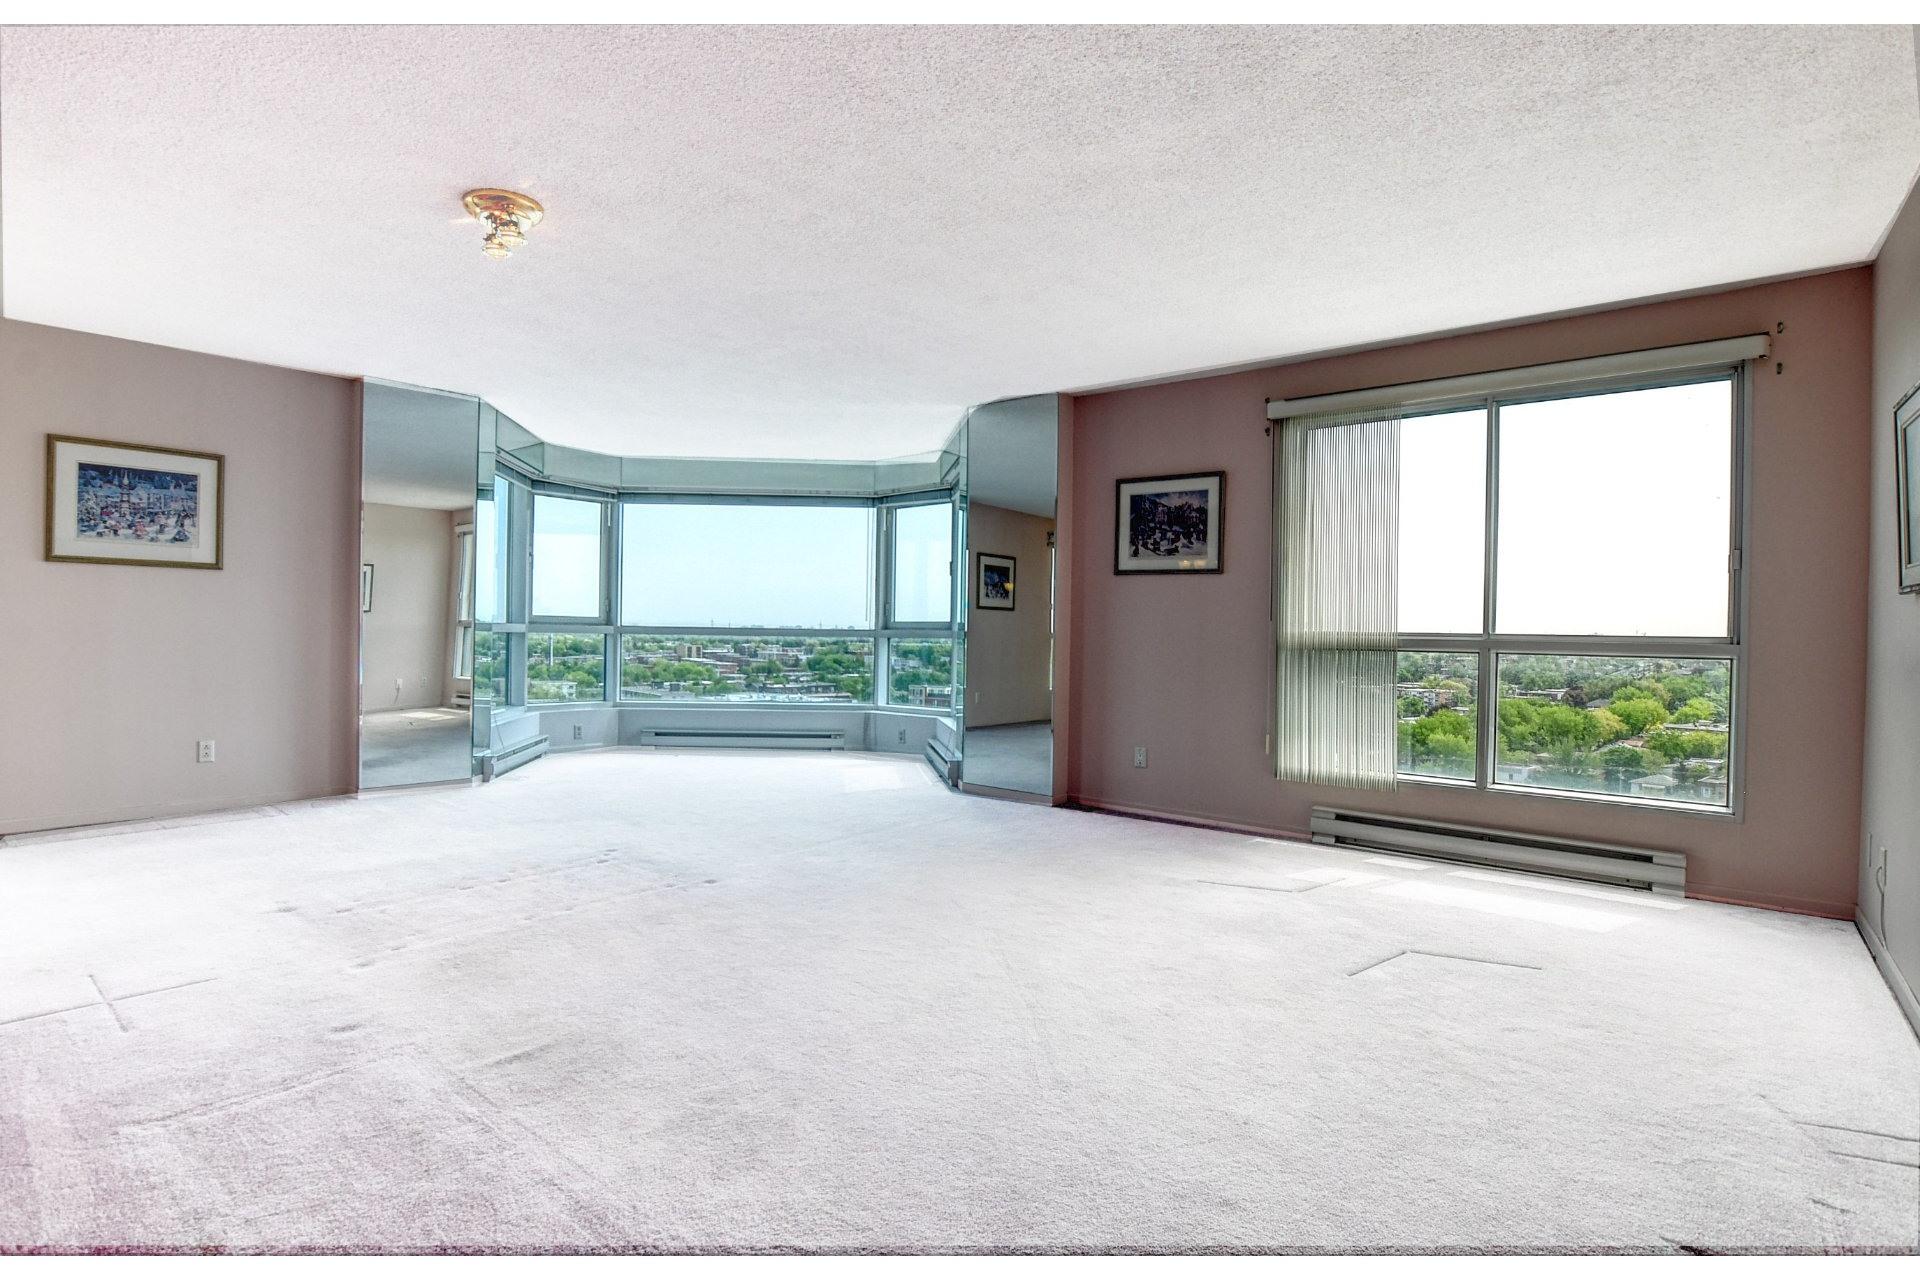 image 5 - Appartement À vendre Montréal-Nord Montréal  - 5 pièces